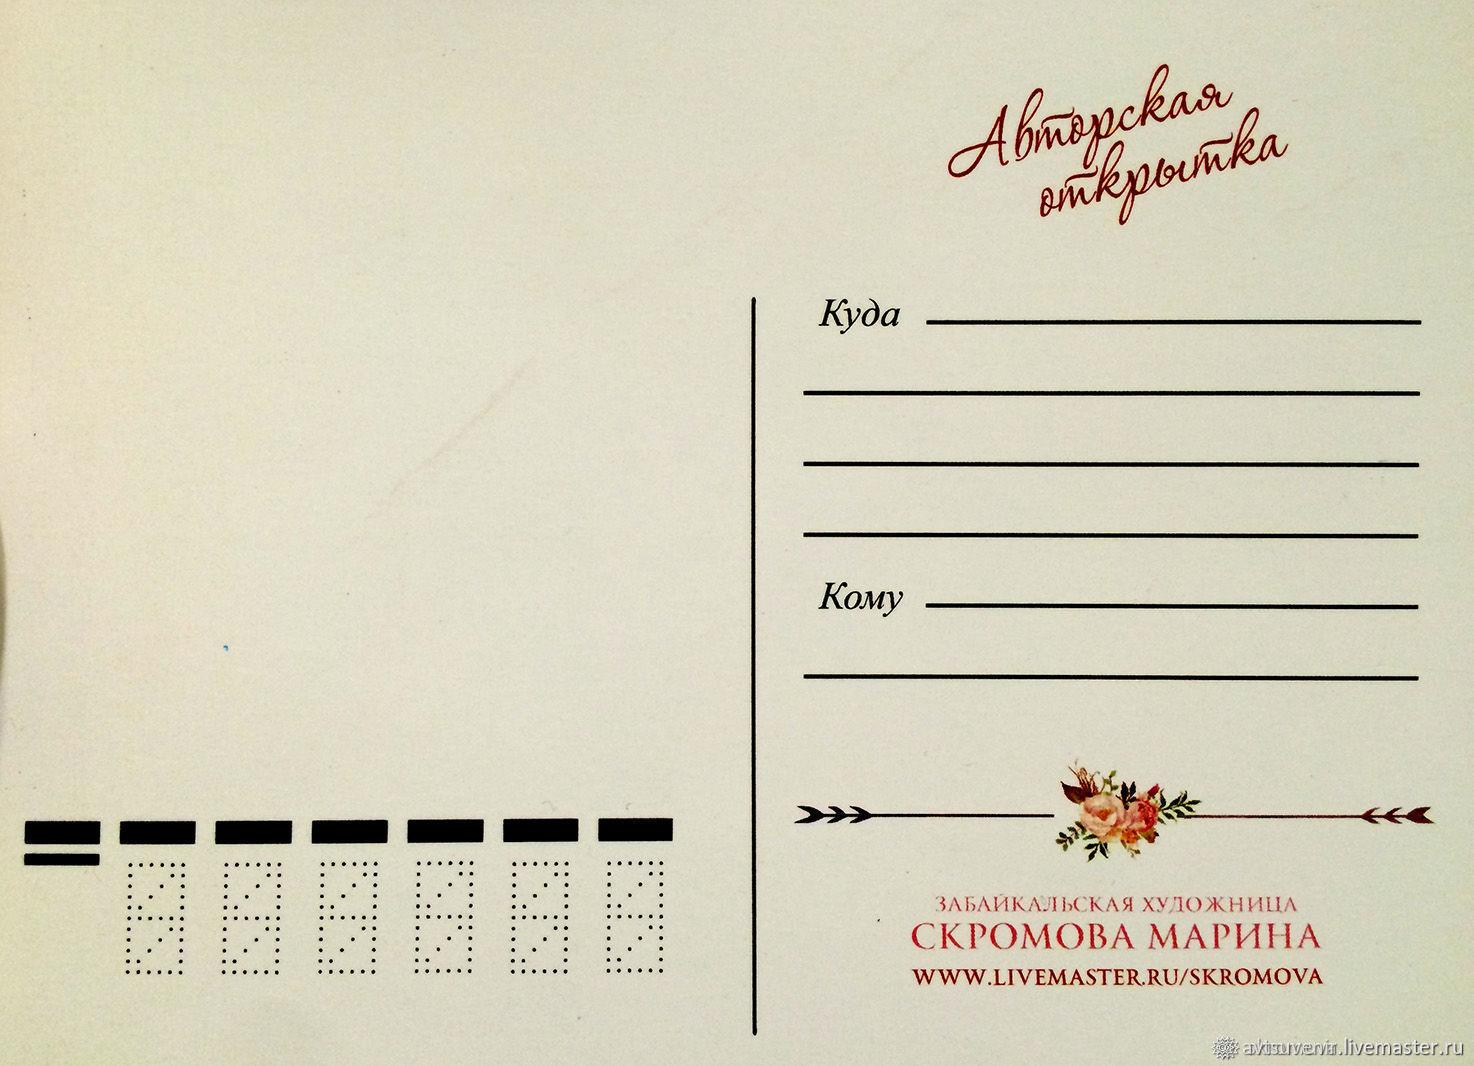 Оформление почтовой открытки образец